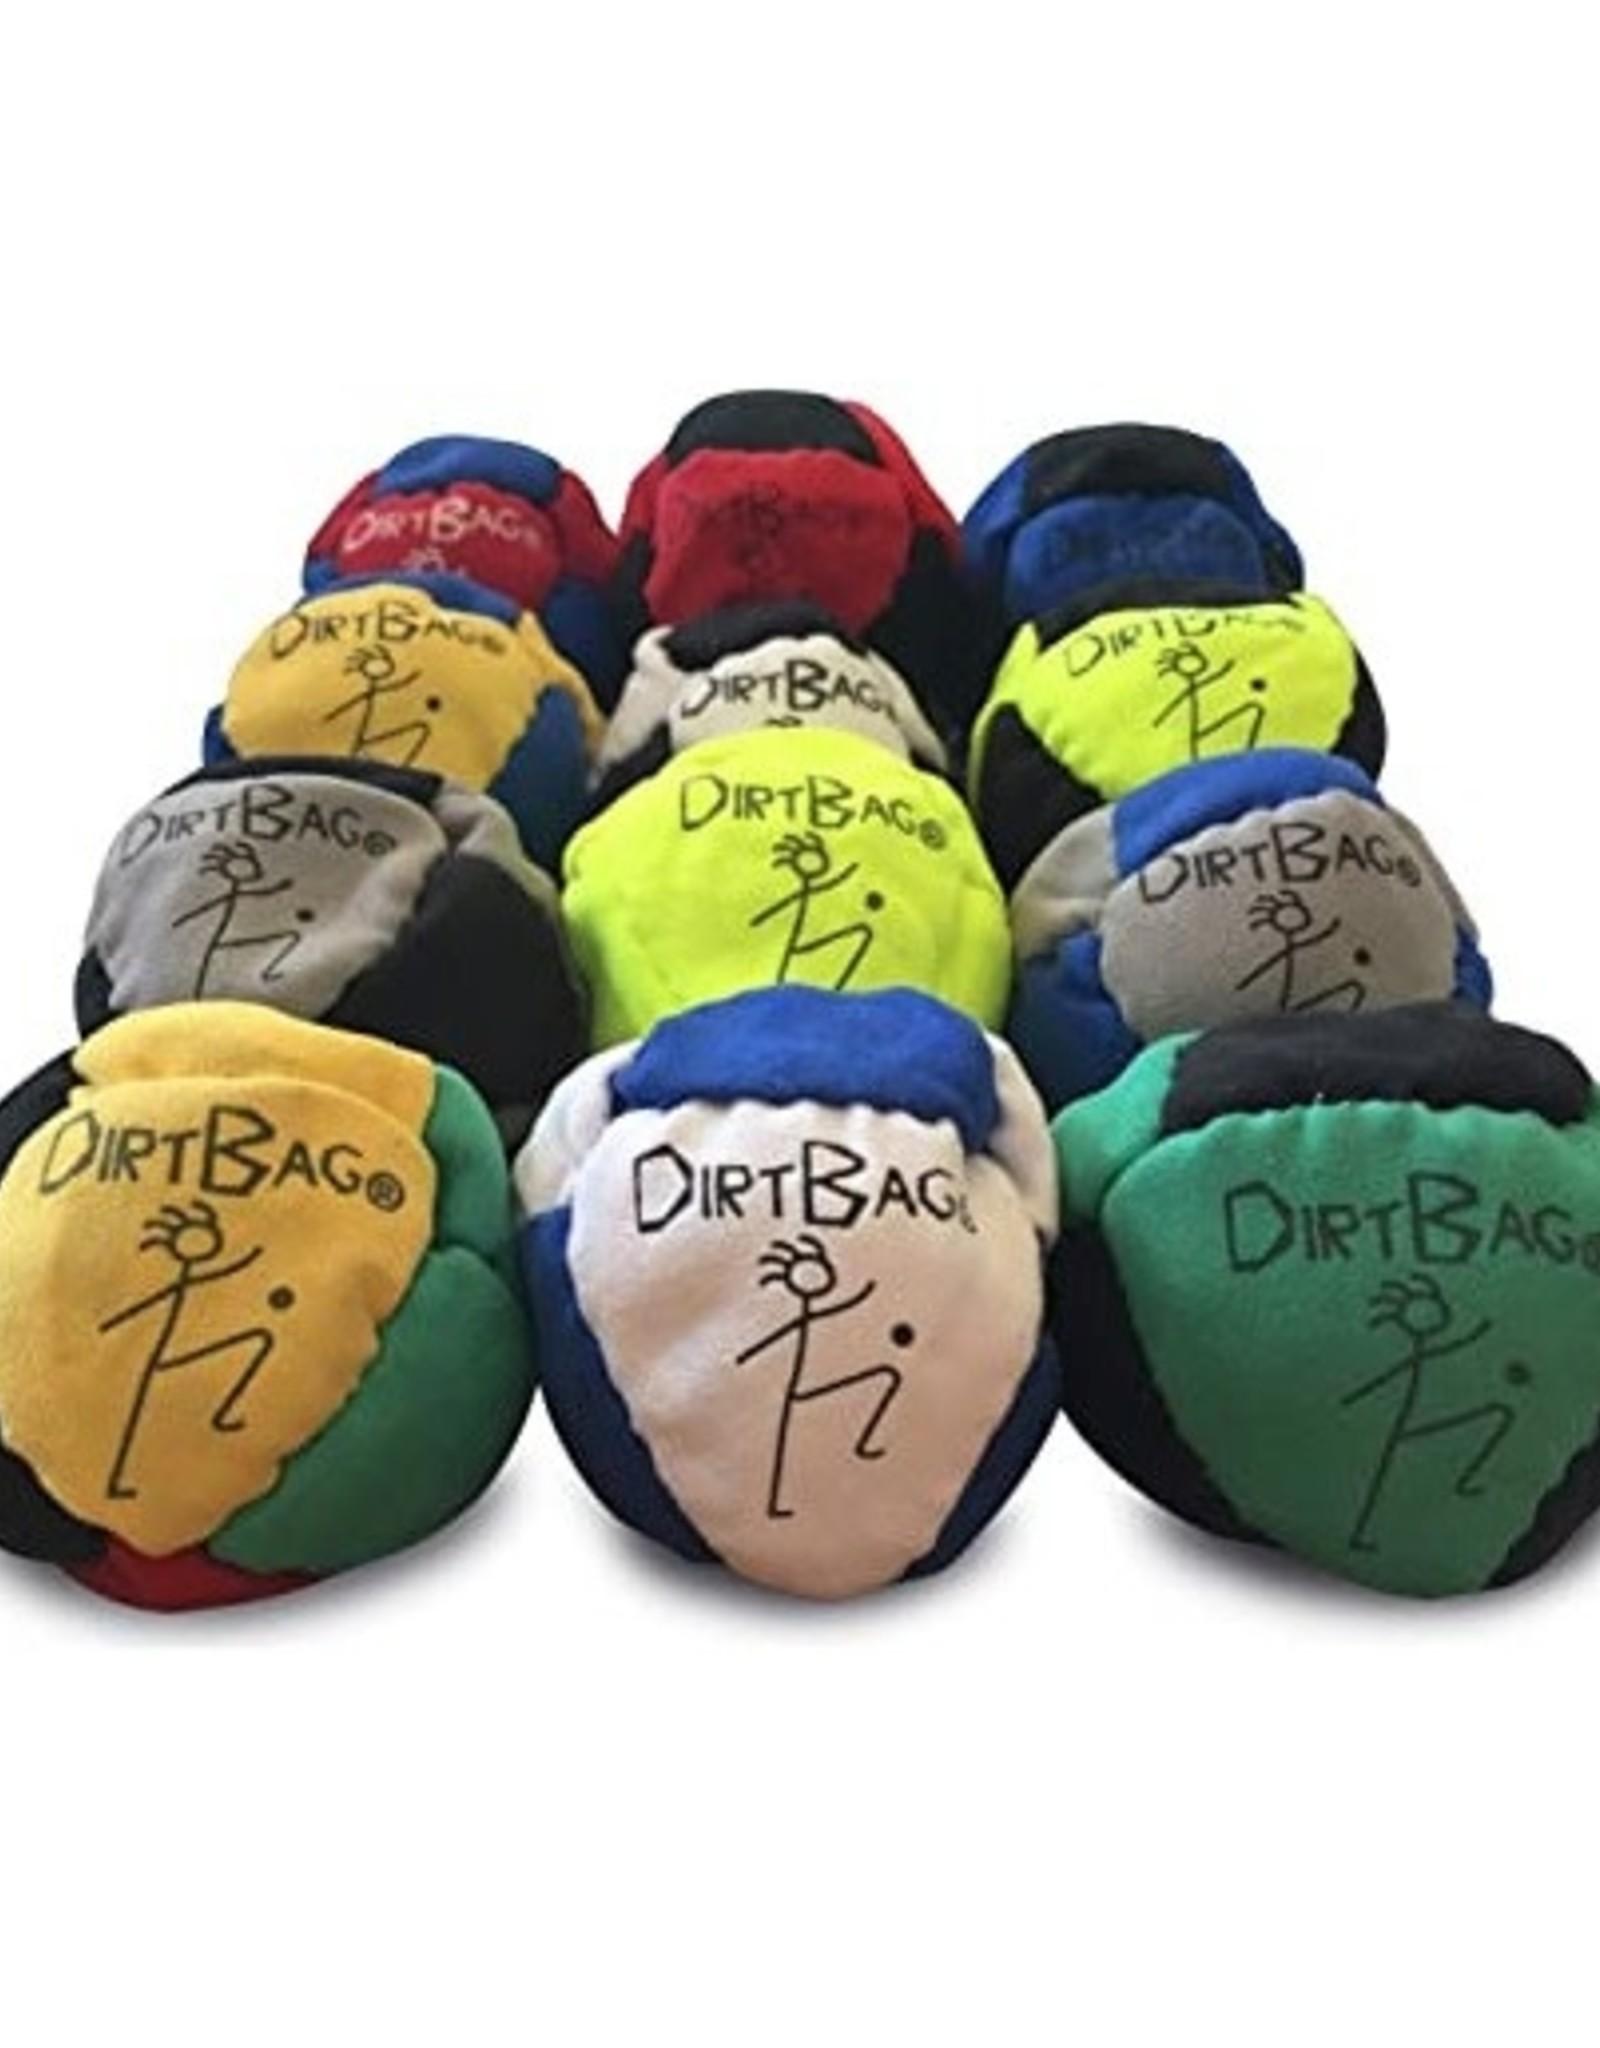 Dirt Bag (Assorted Colors)